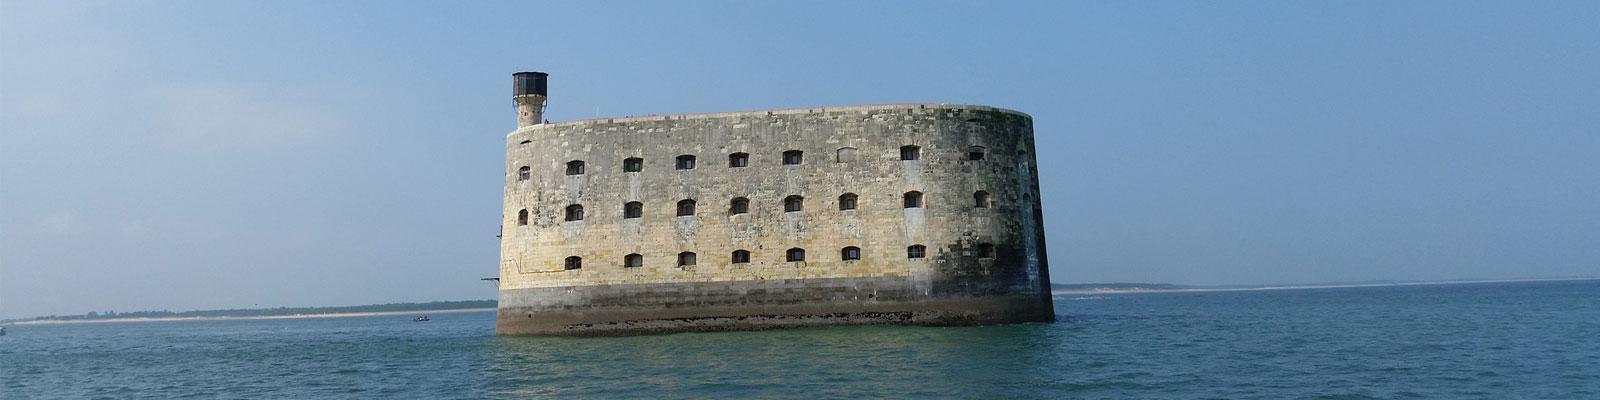 paysage fort boyard près camping île Ré